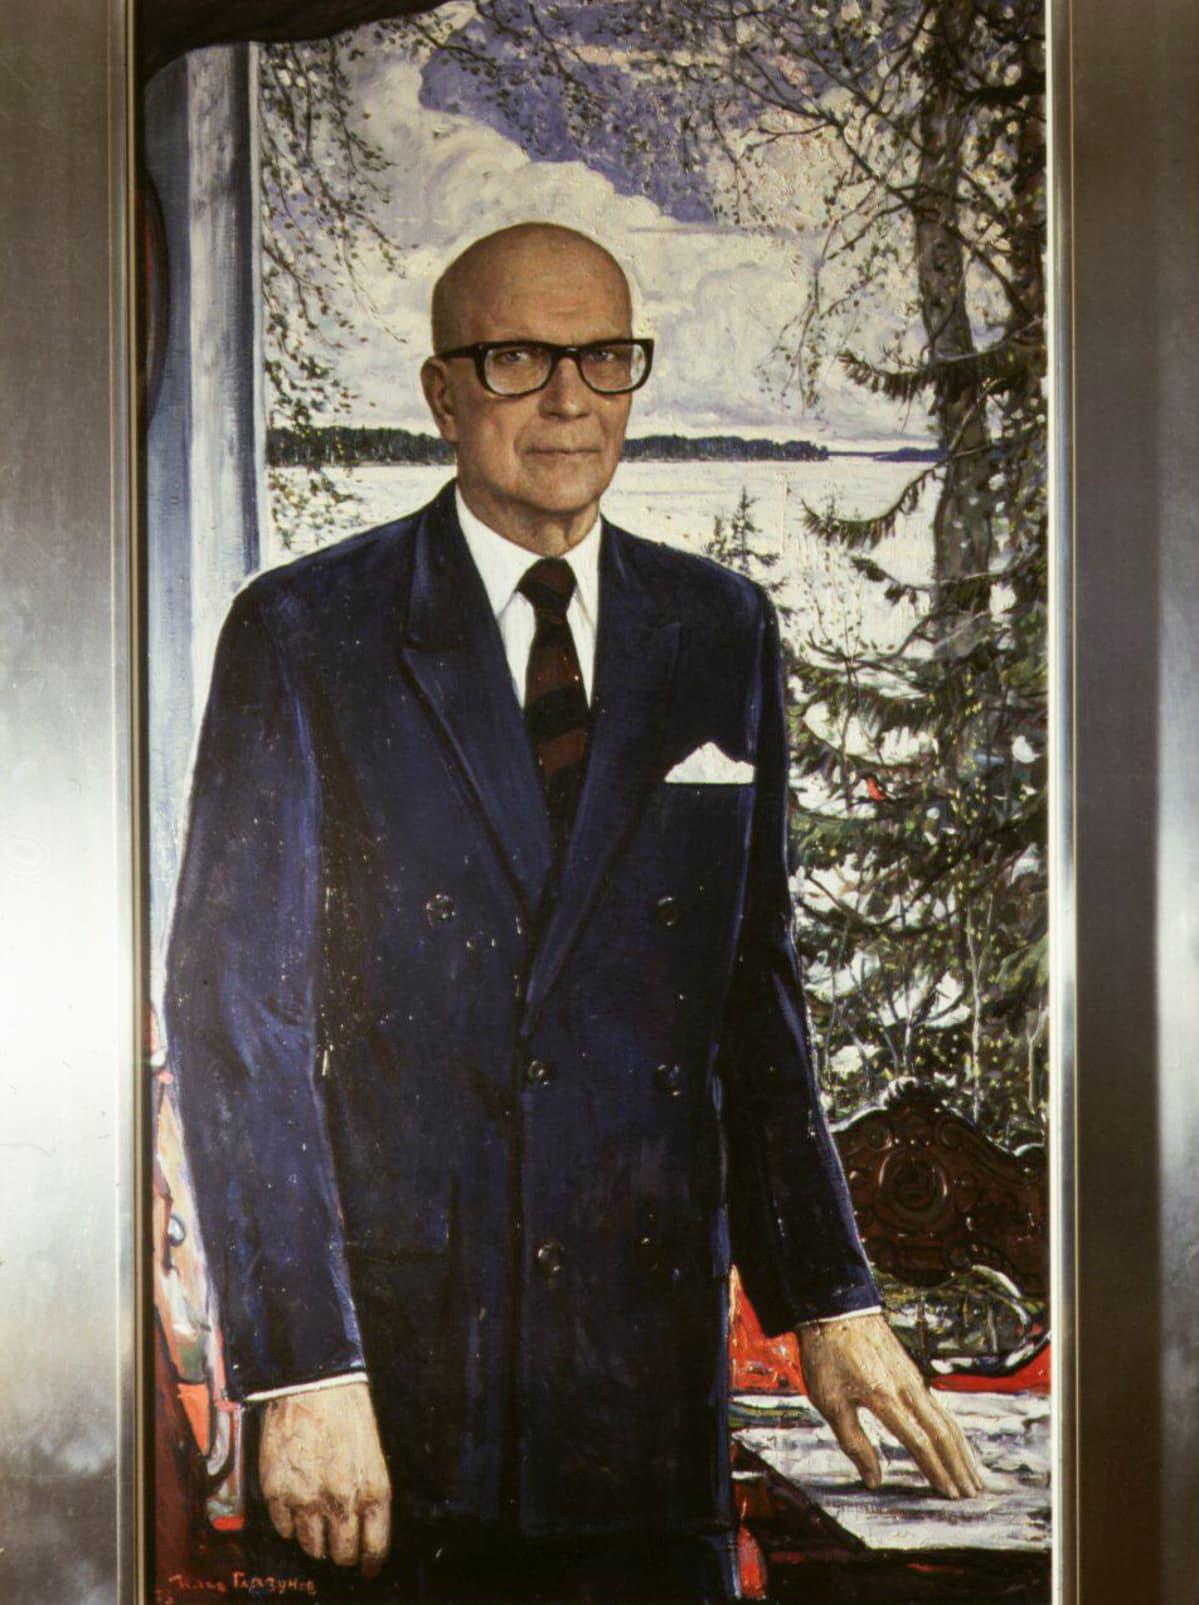 Ilja Glazunovin presidentti Urho Kekkosesta maalaama muotokuva vuodelta 1973.